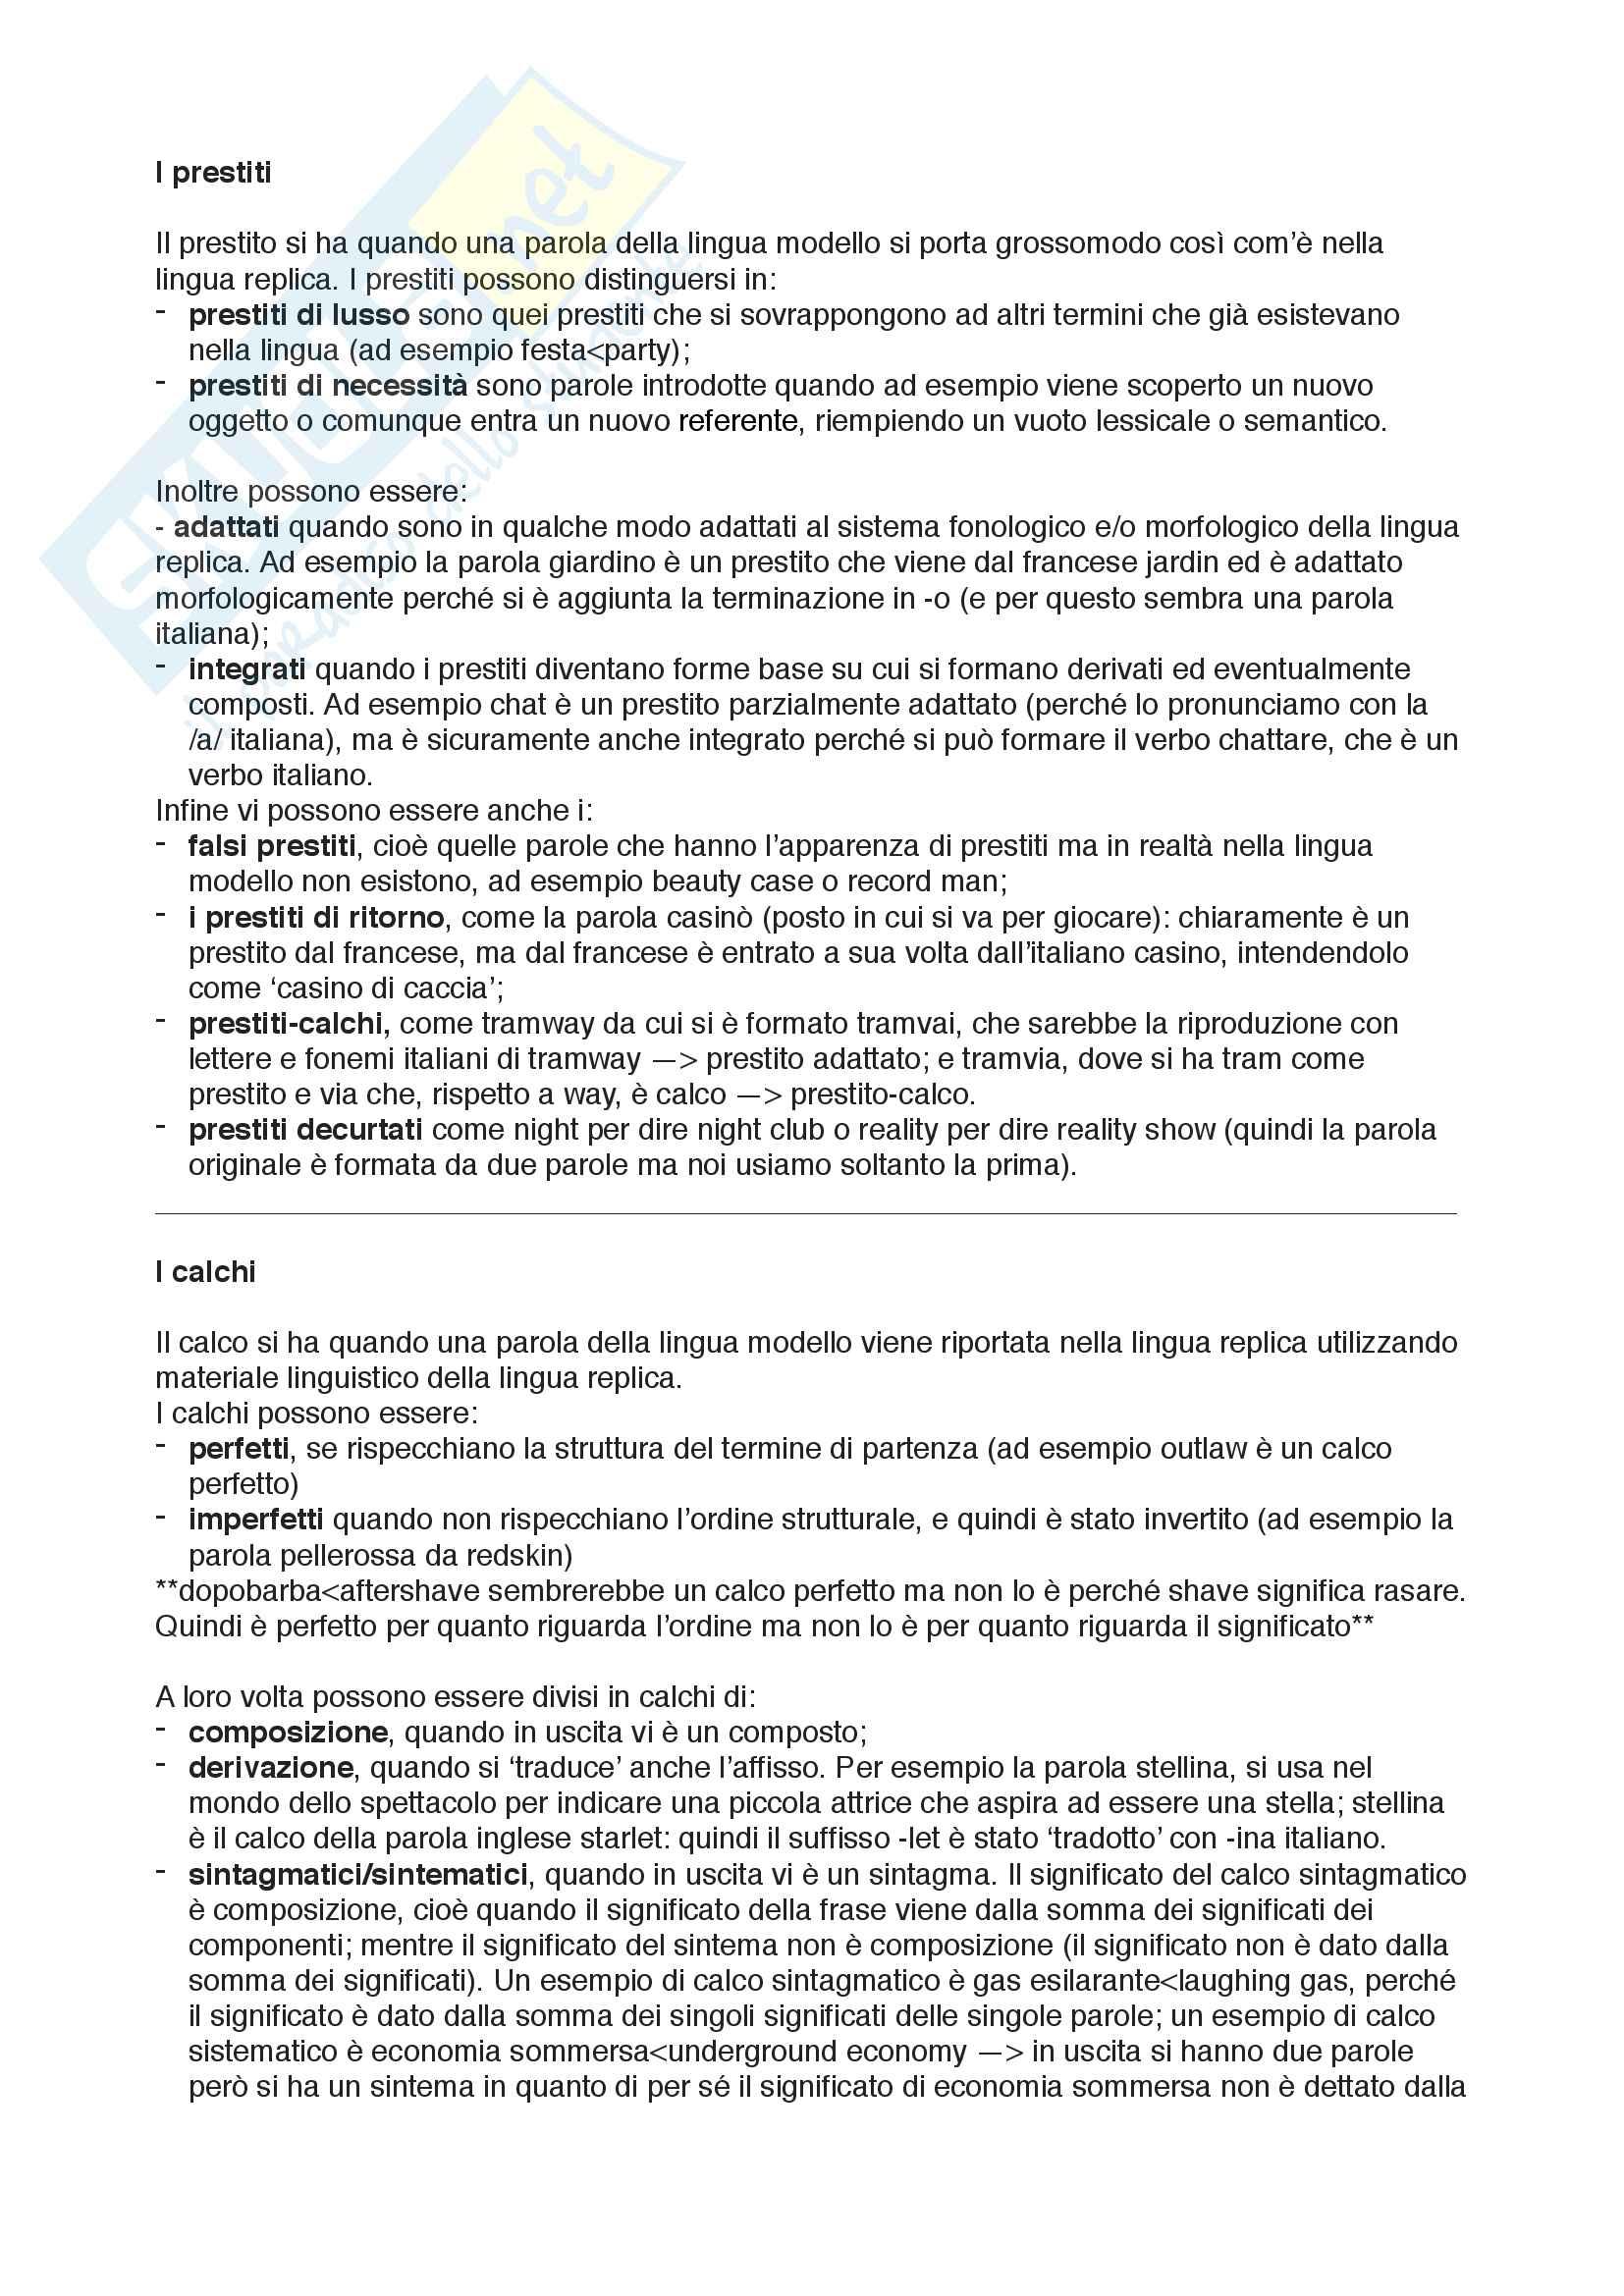 Domande di Glottologia su prestiti e calchi